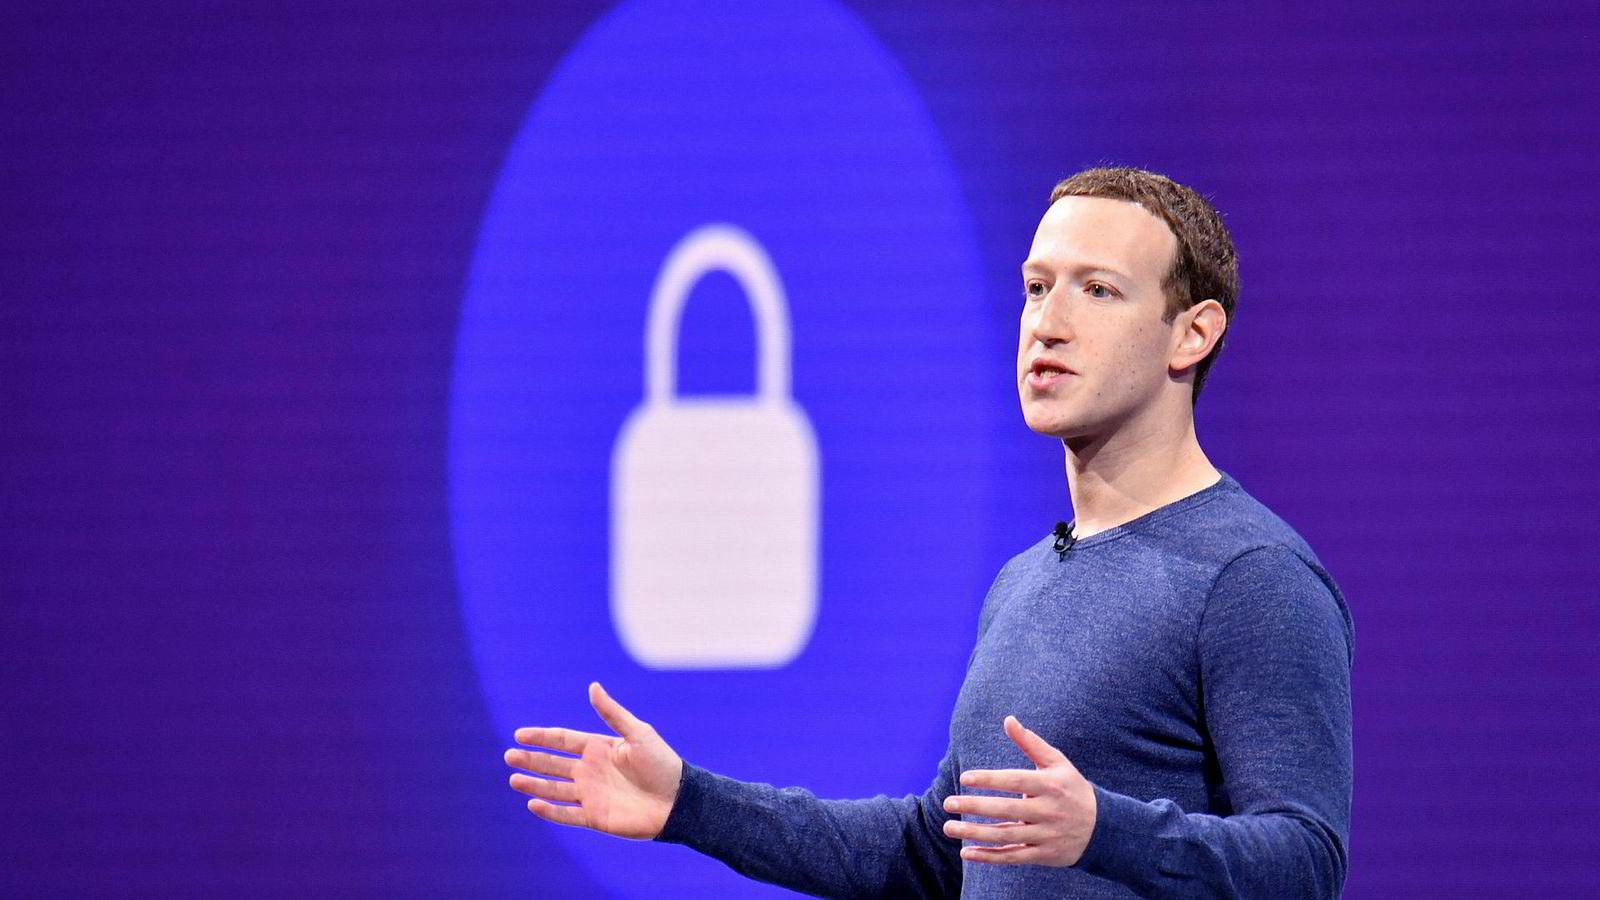 Facebook og toppsjefen Mark Zuckerberg har lenge vært på defensiven. Nå varsler han store endringer.